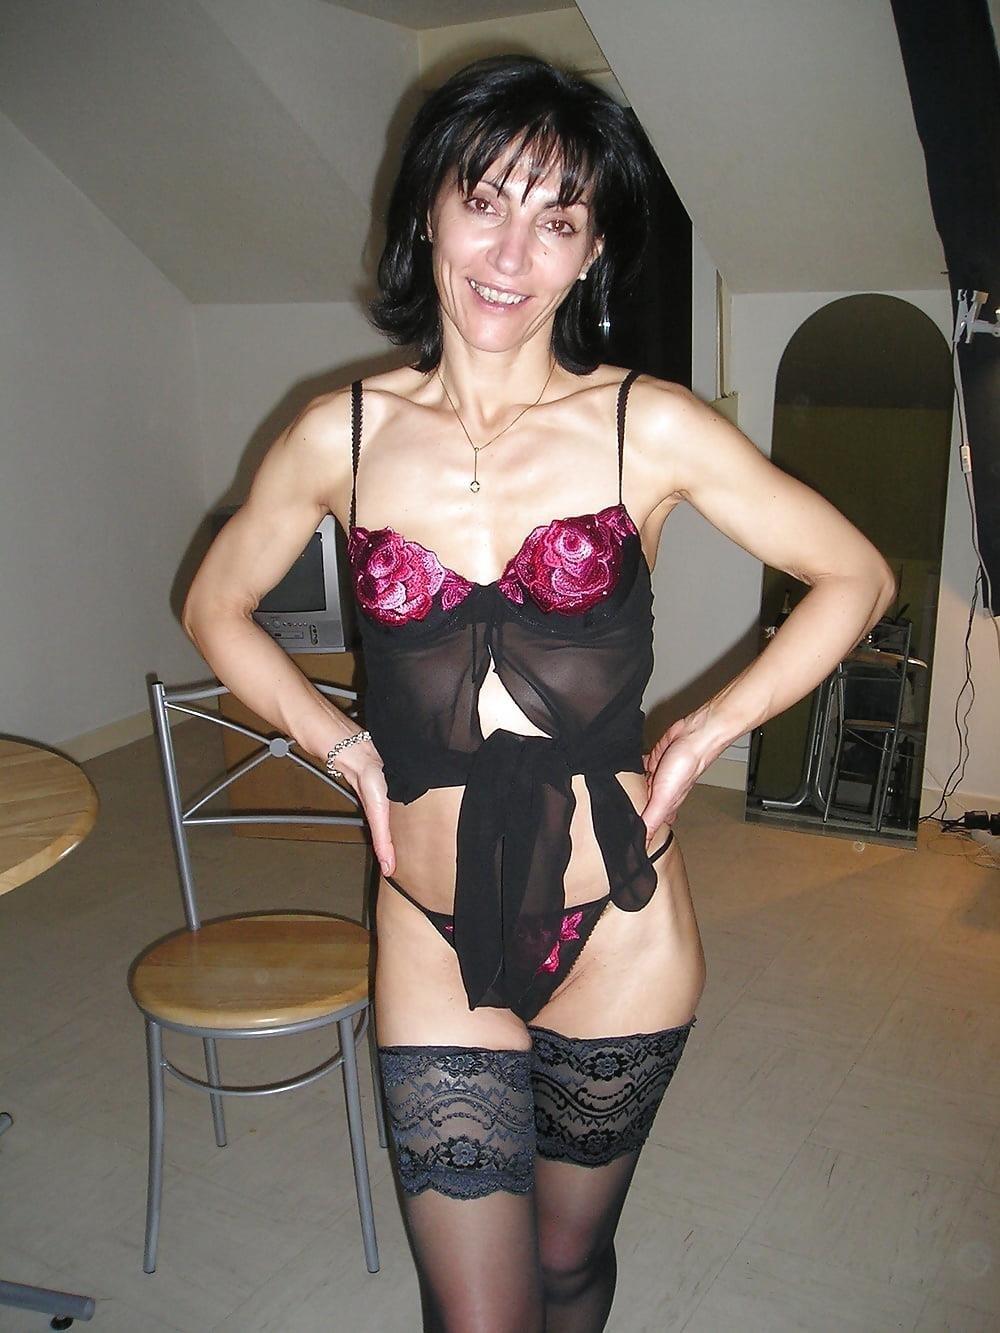 Hot girls bathing naked-6155